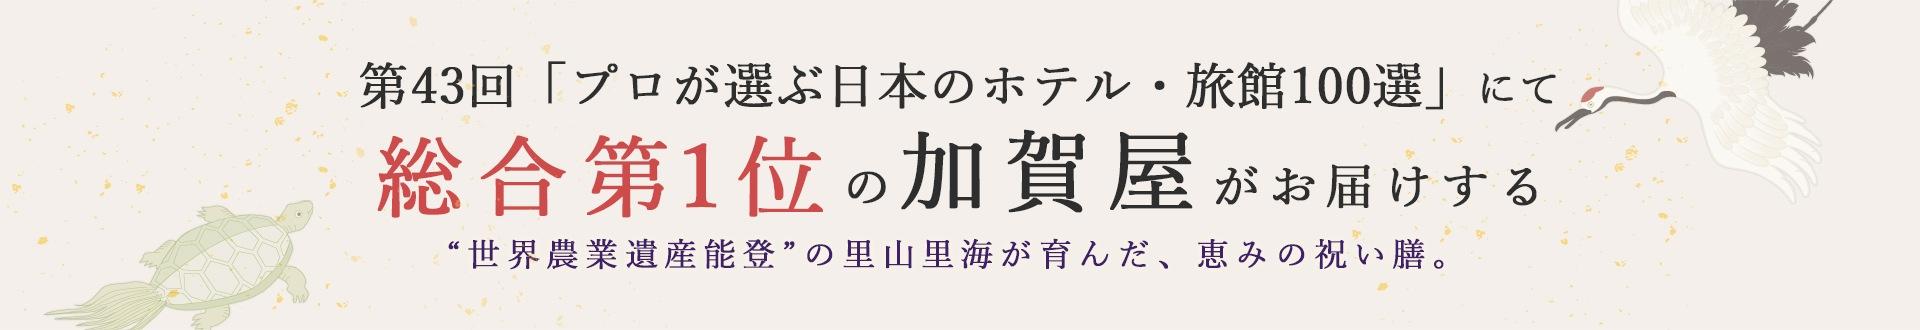 「プロが選ぶ日本のホテル・旅館100選」で総合1位